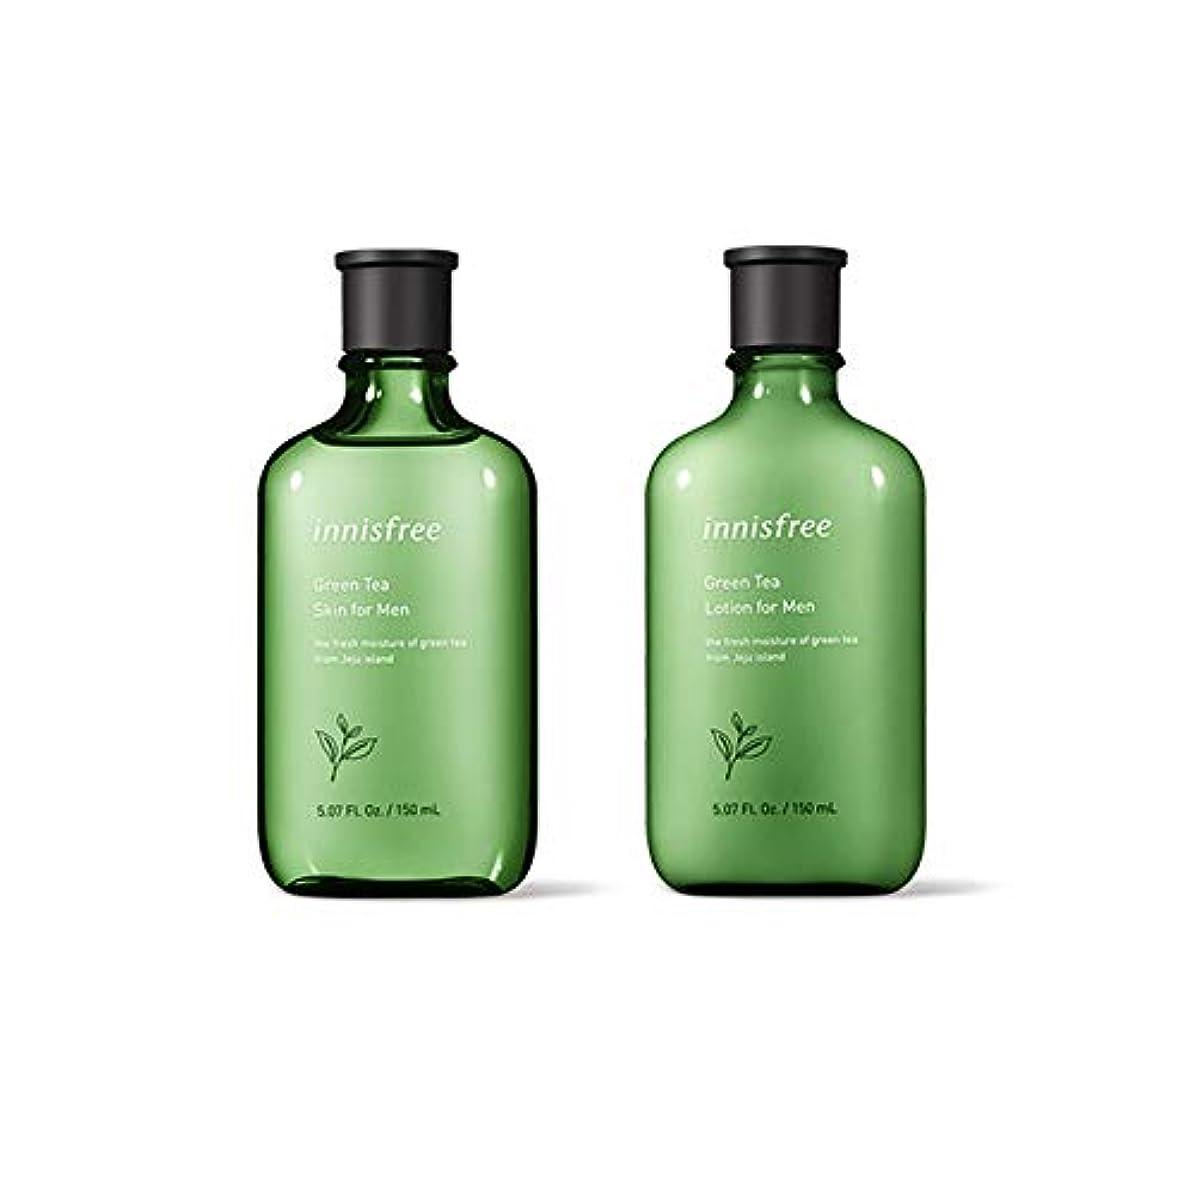 バンクシロナガスクジラ頼るイニスフリー Innisfree グリーンティースキン & ローションセットフォーメン(150ml+150ml) Innisfree Green Tea Skin & Lotion Set For Men(150ml+150ml...